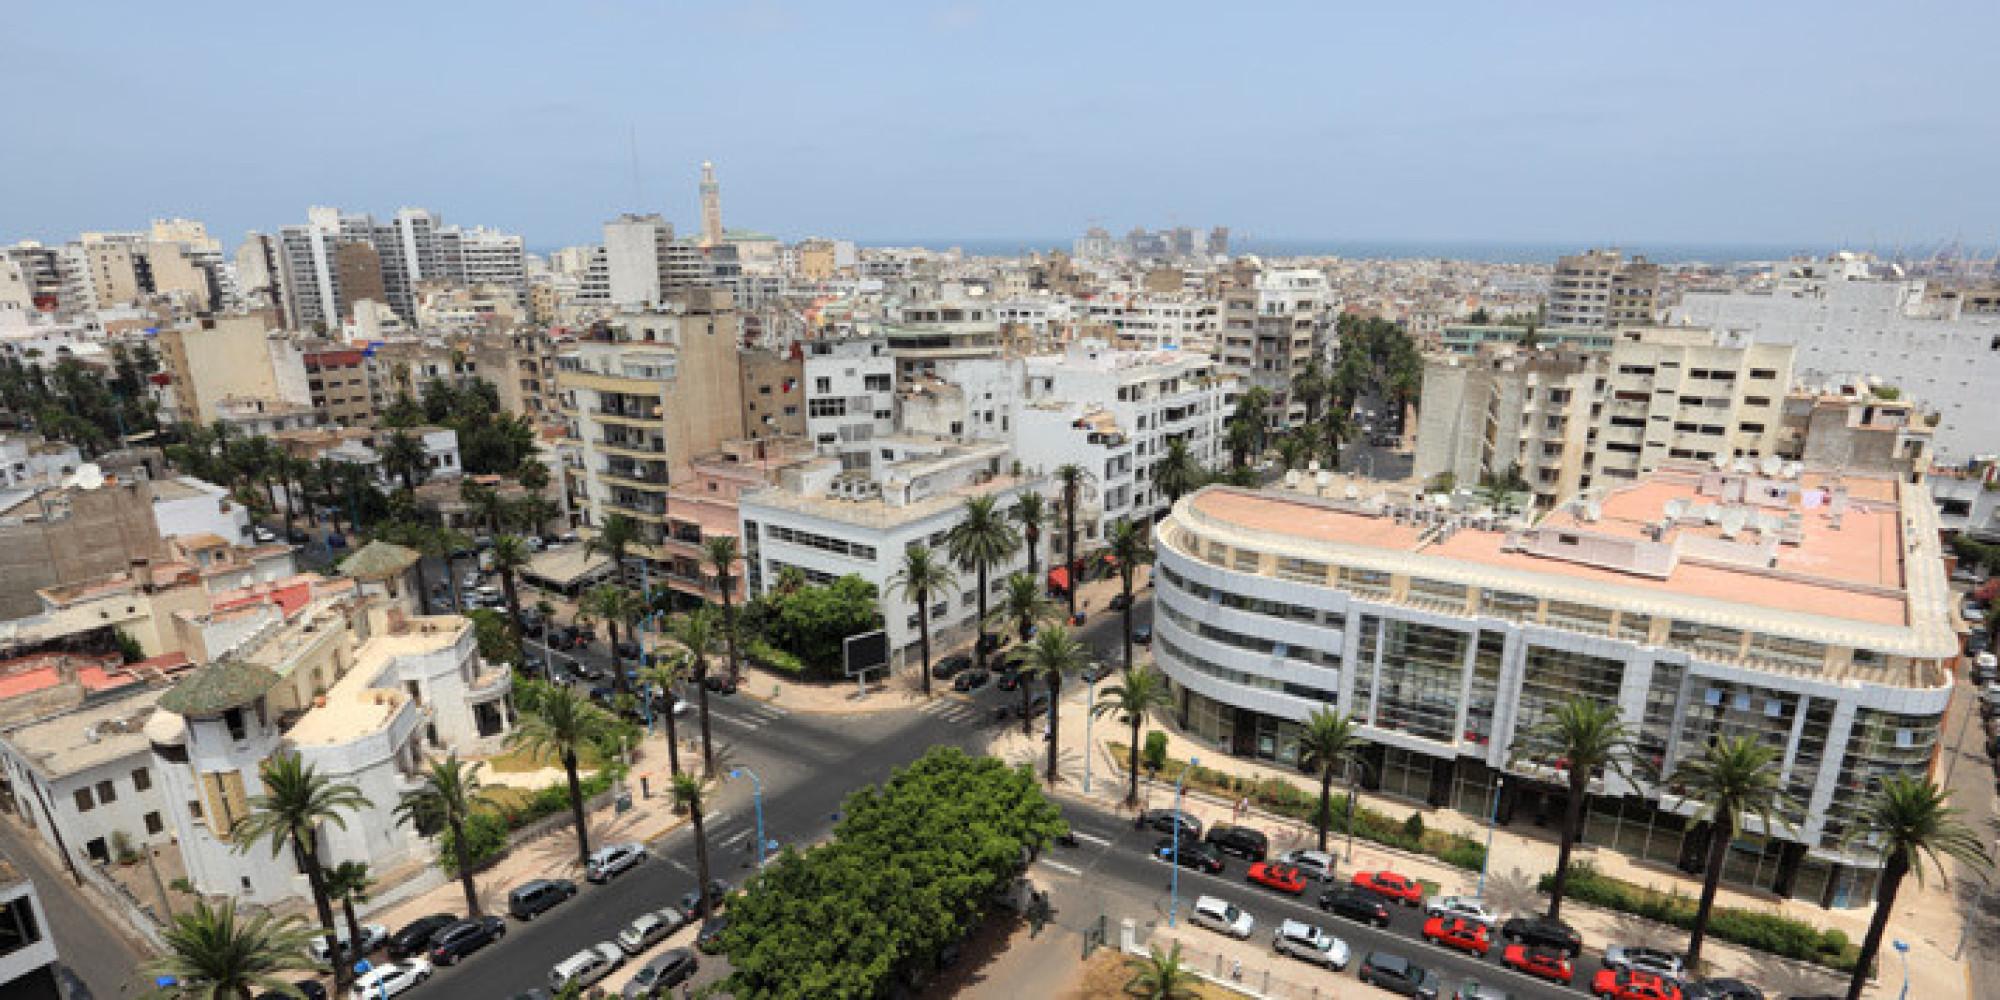 immobilier ce que cherchent les marocains sur avito et les prix qu 39 ils peuvent trouver. Black Bedroom Furniture Sets. Home Design Ideas